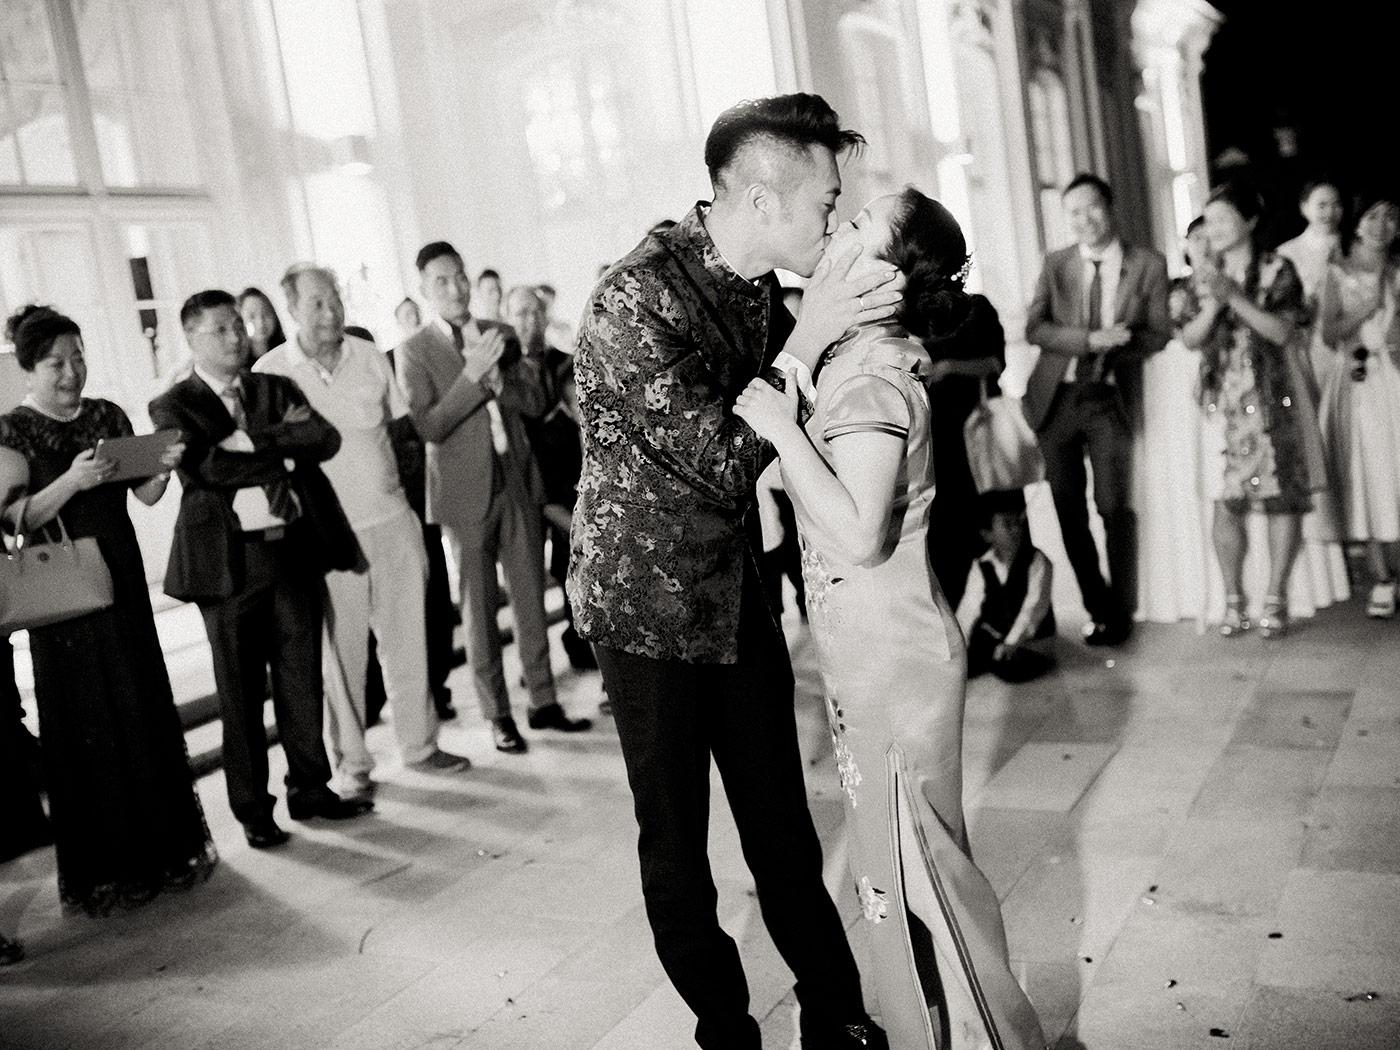 Conference Center Laxenburg Schlosspark Vienna Austria Wedding Photographer